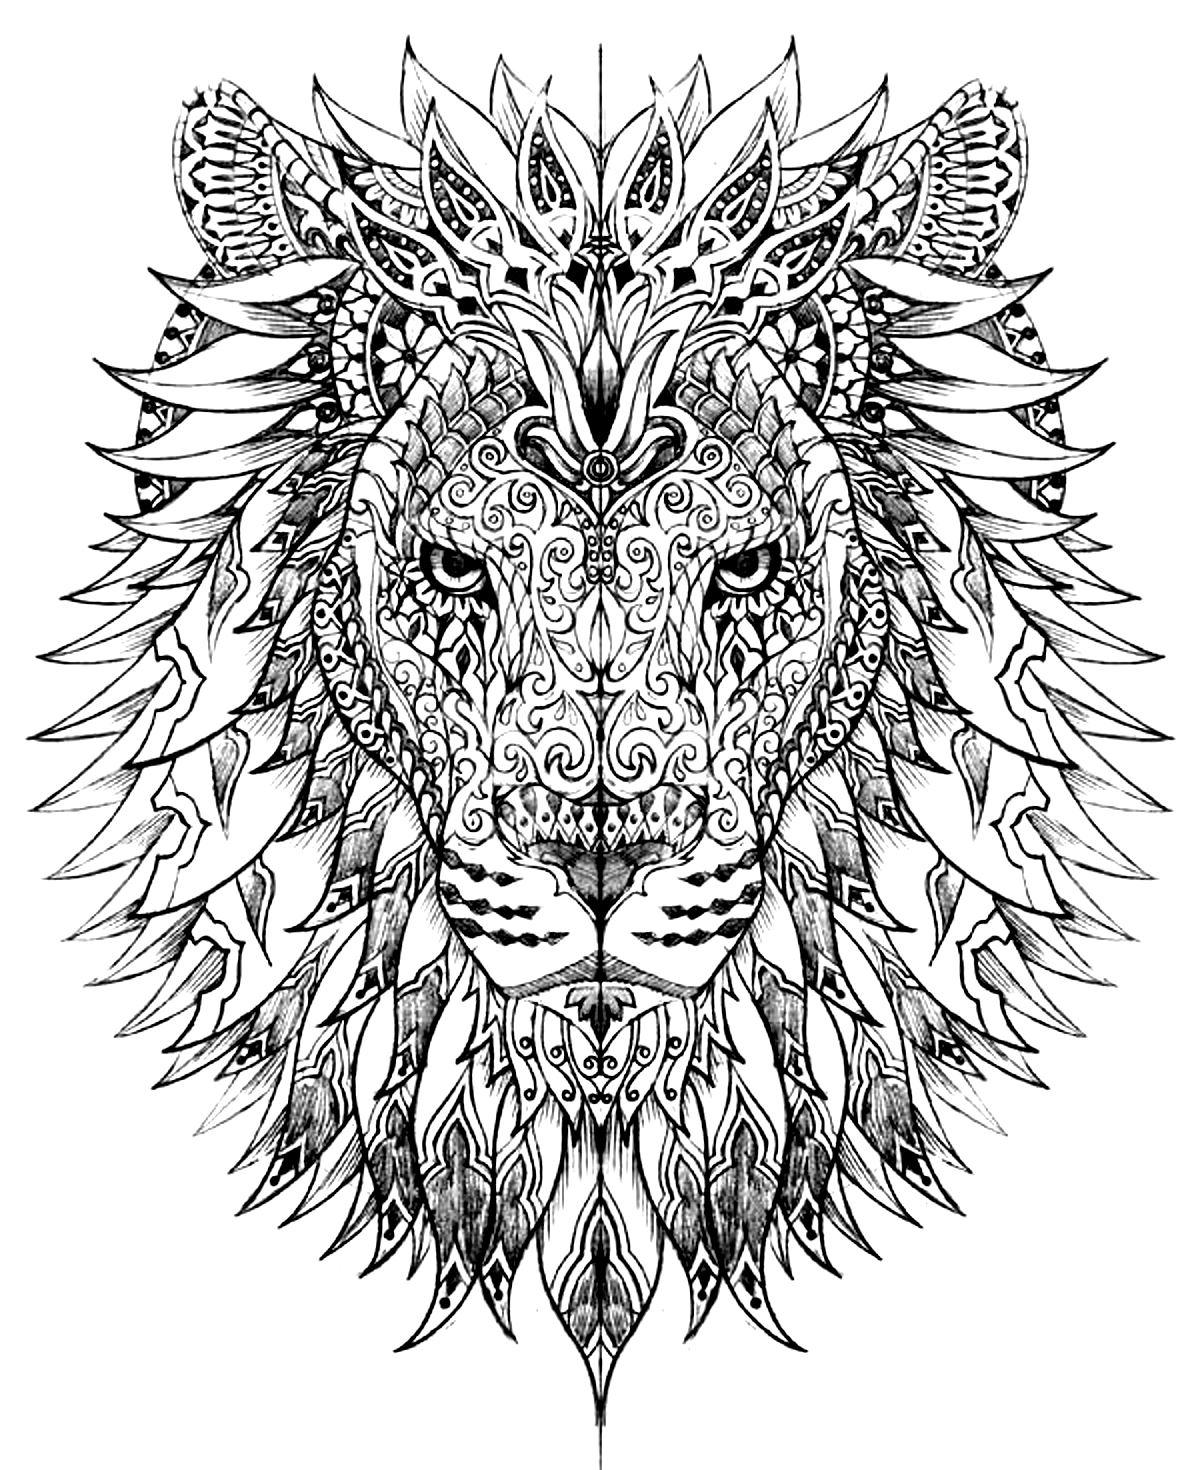 Disegni da colorare per adulti : Lions - 5